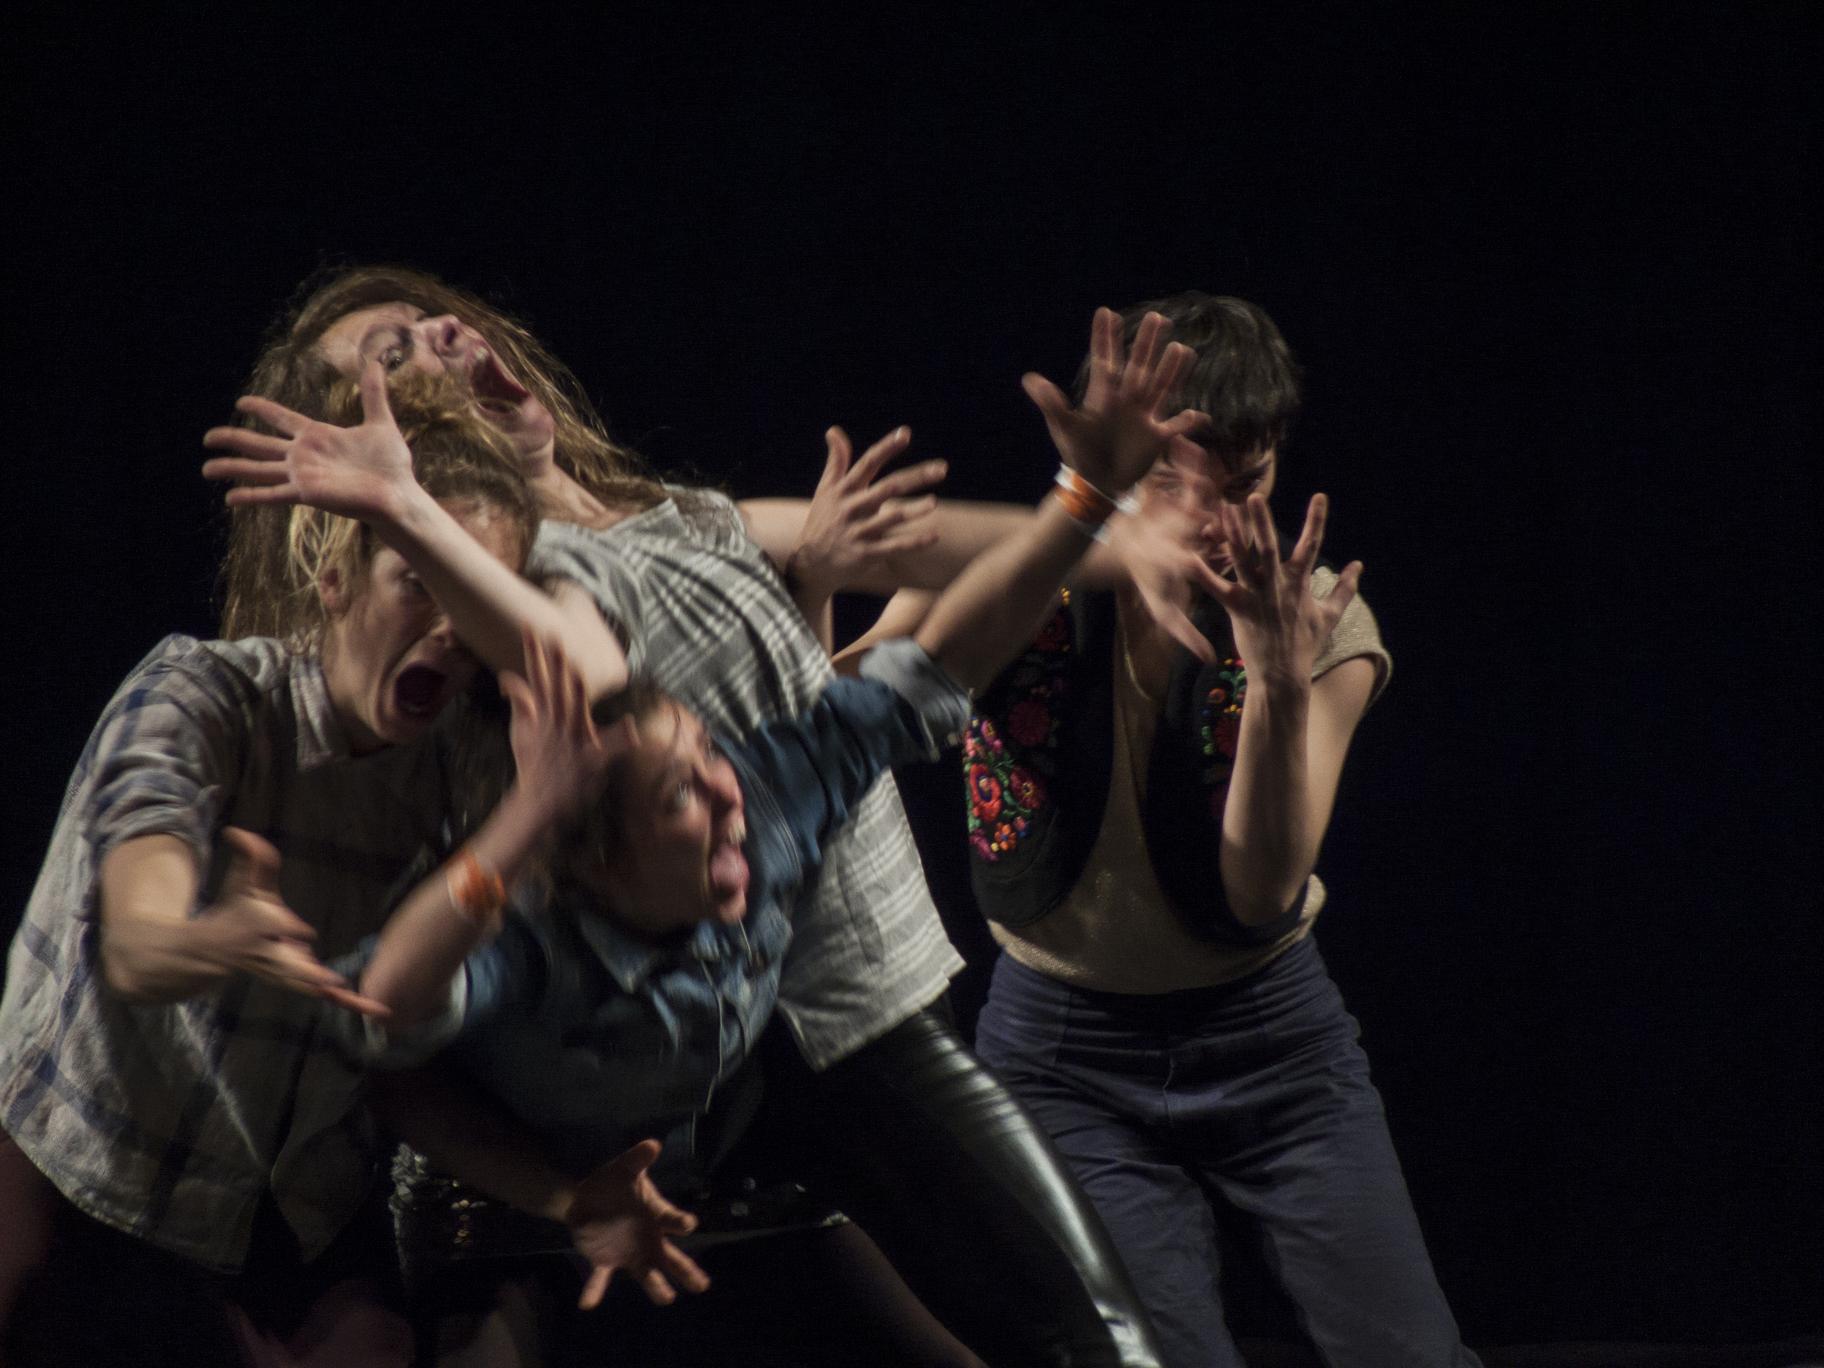 Groupe Bekkrellfoto Andrea Macchia / Festival MirabiliaCircus Next / Neerpelt